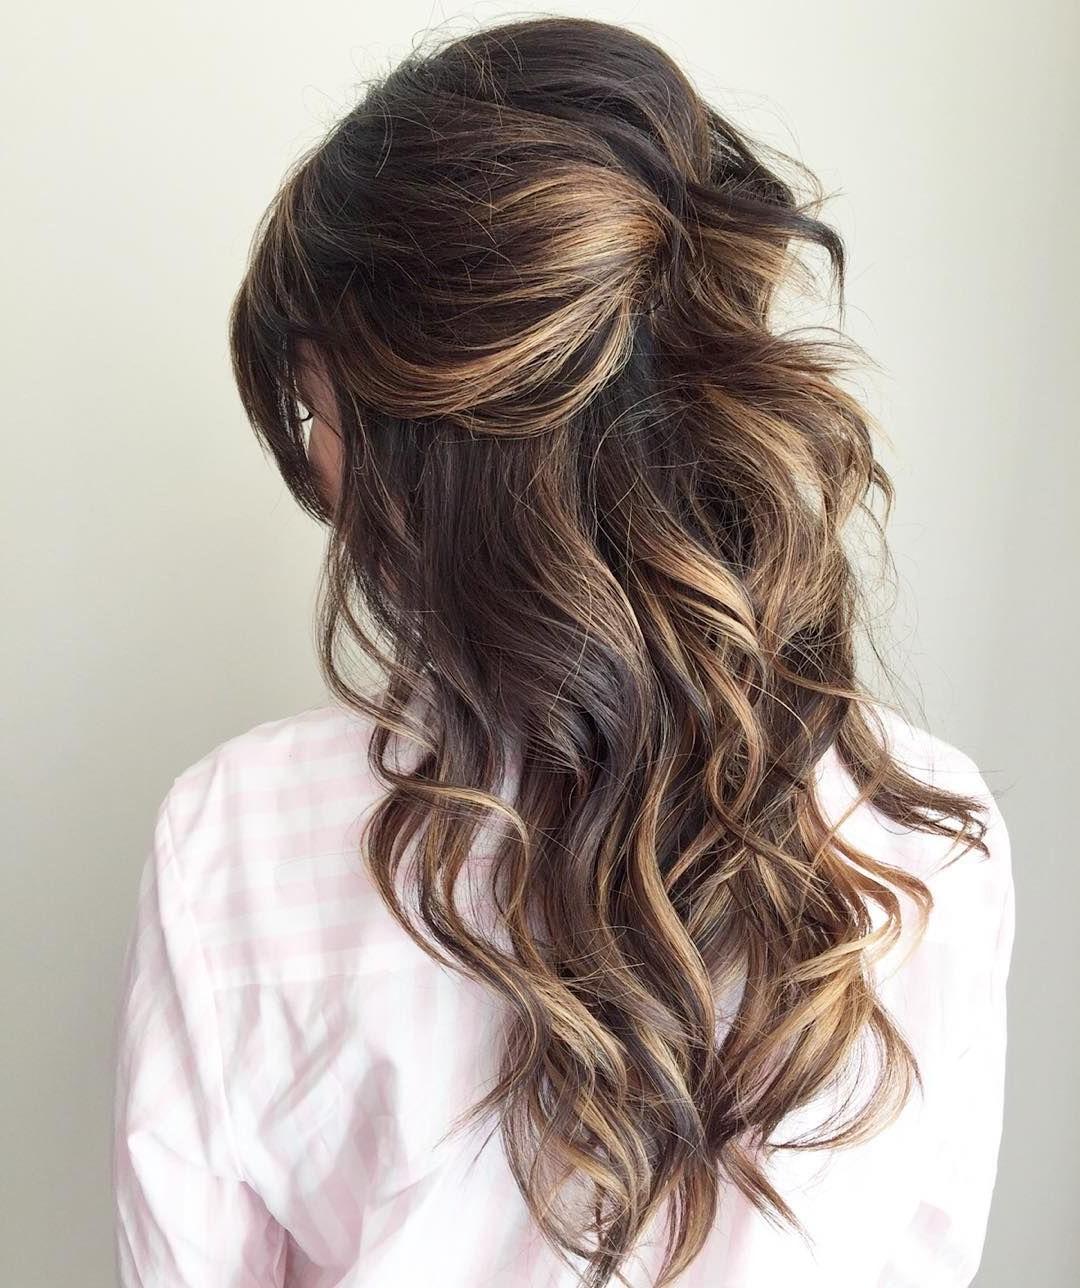 Pinsabrina De La Cruz On Hairstyles (Gallery 12 of 20)